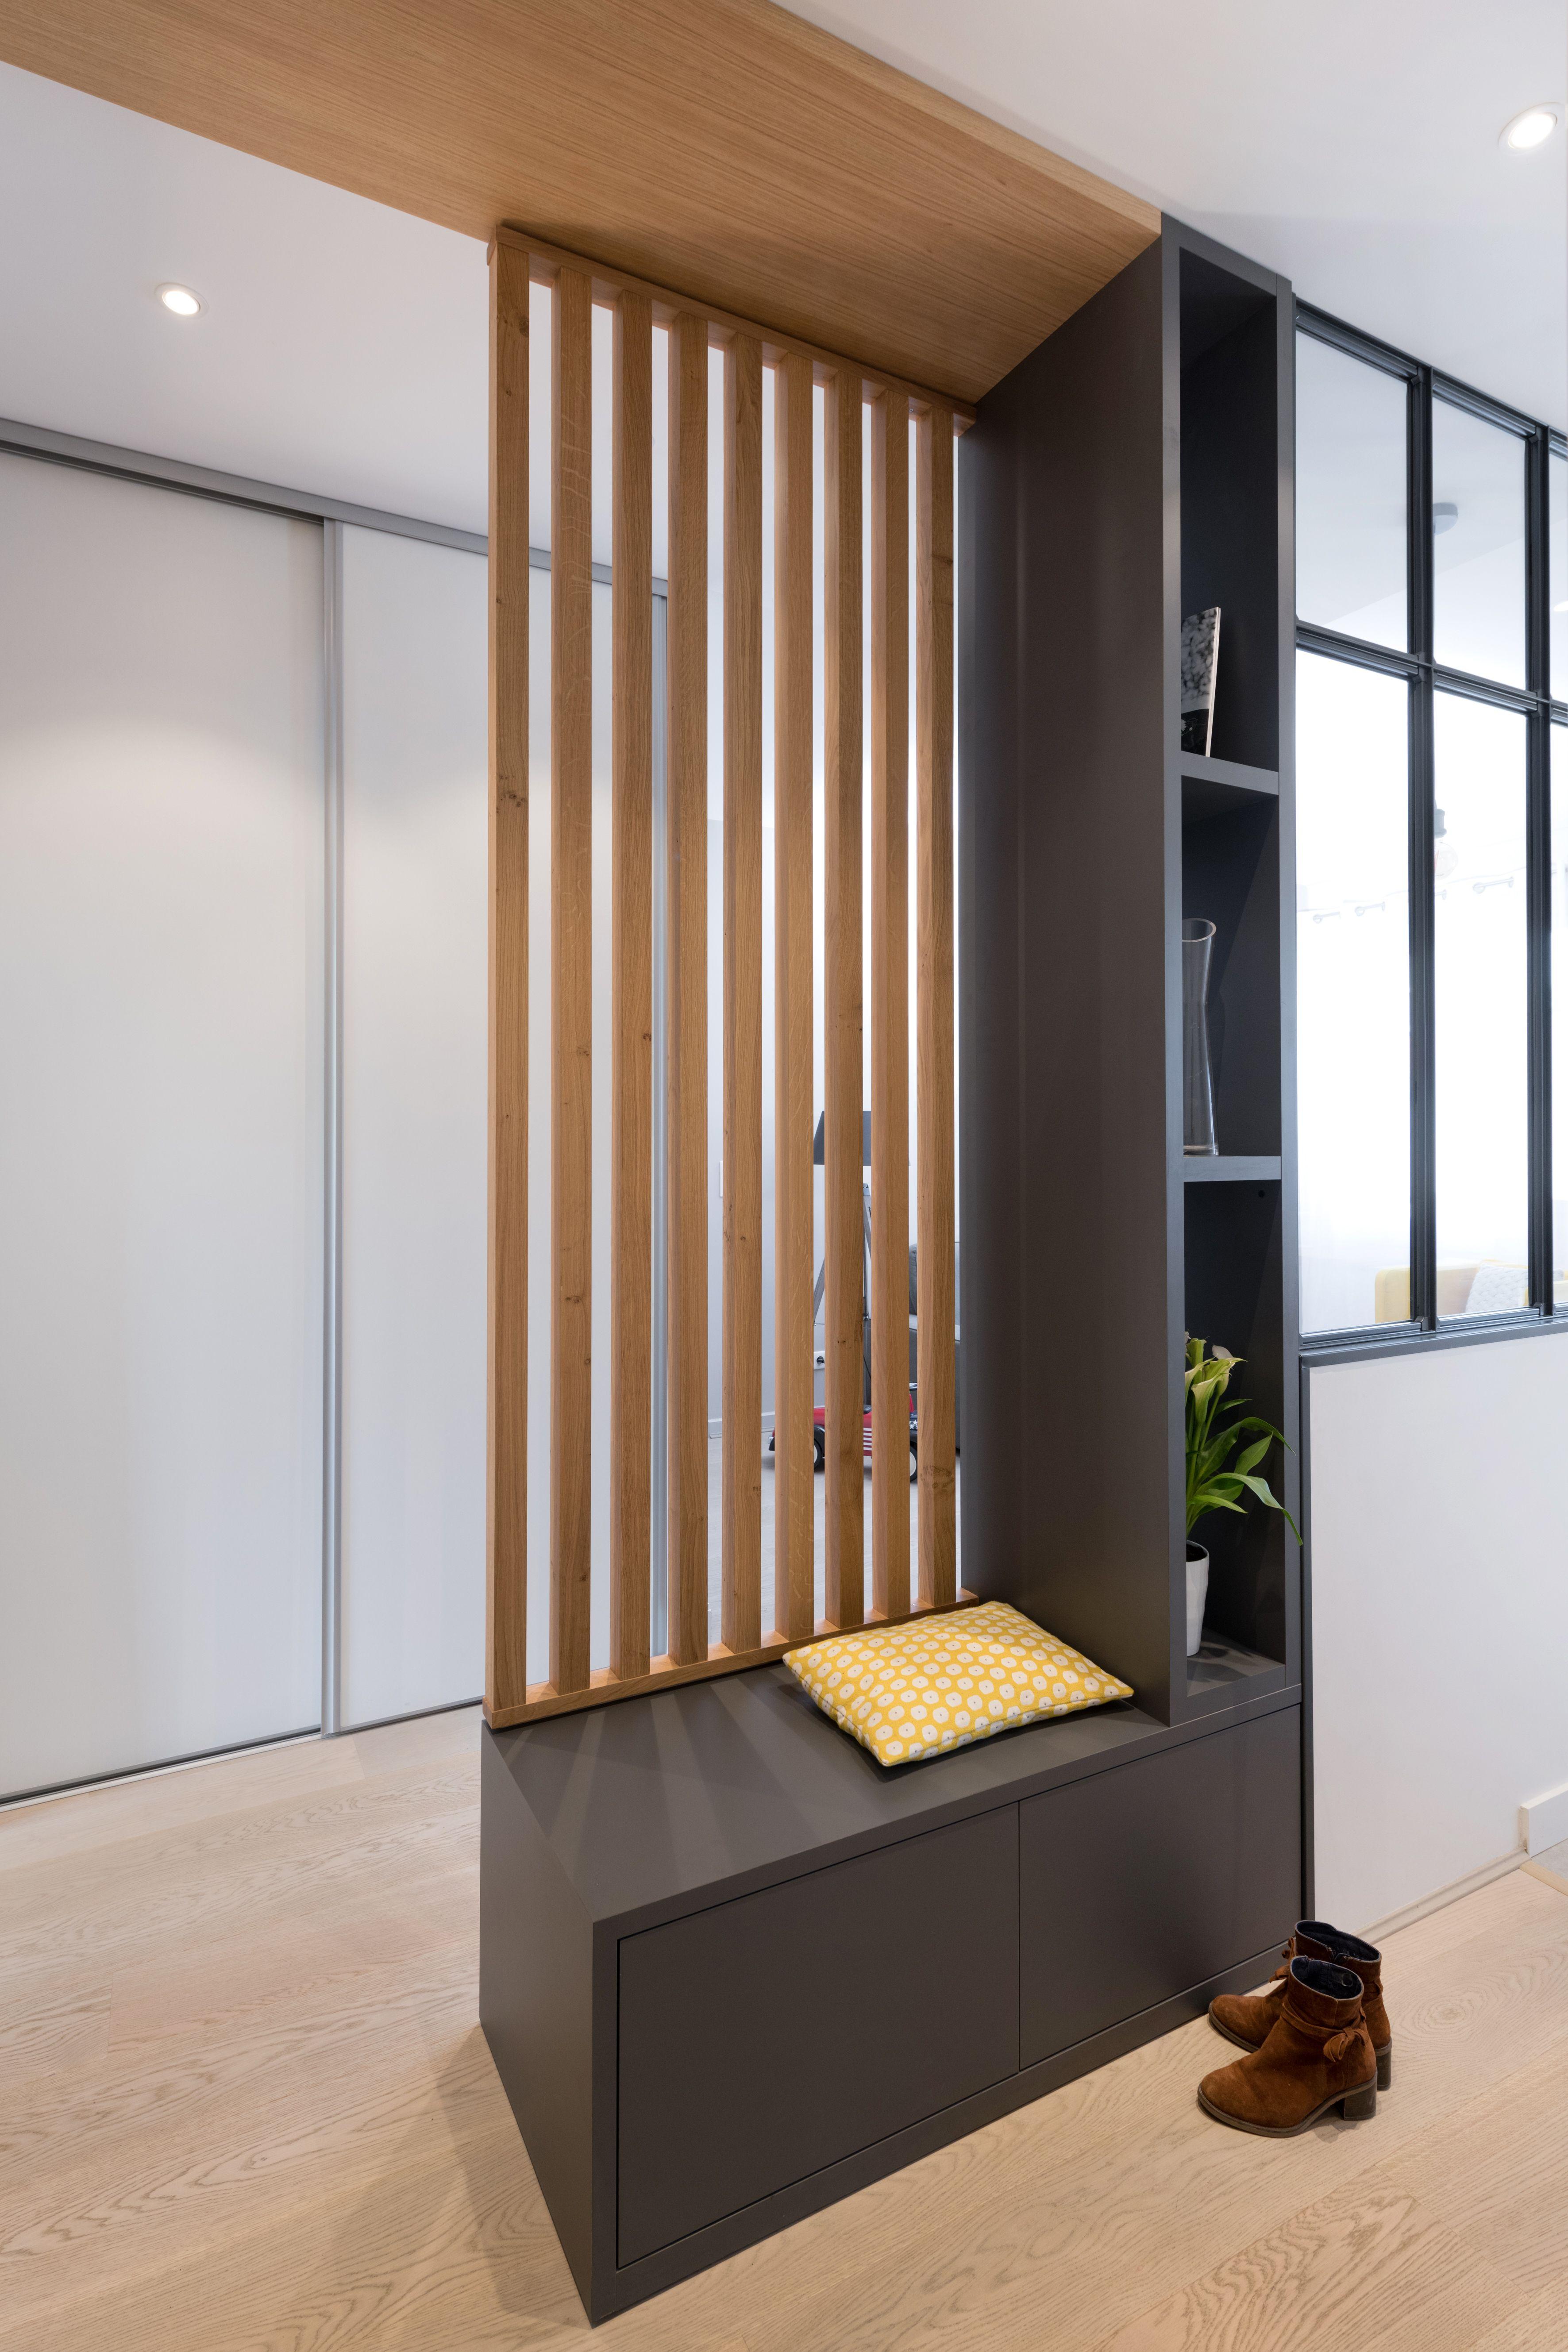 appartement renovation lyon architecte interieur amenagement entree maison idee entree maison architecte interieur